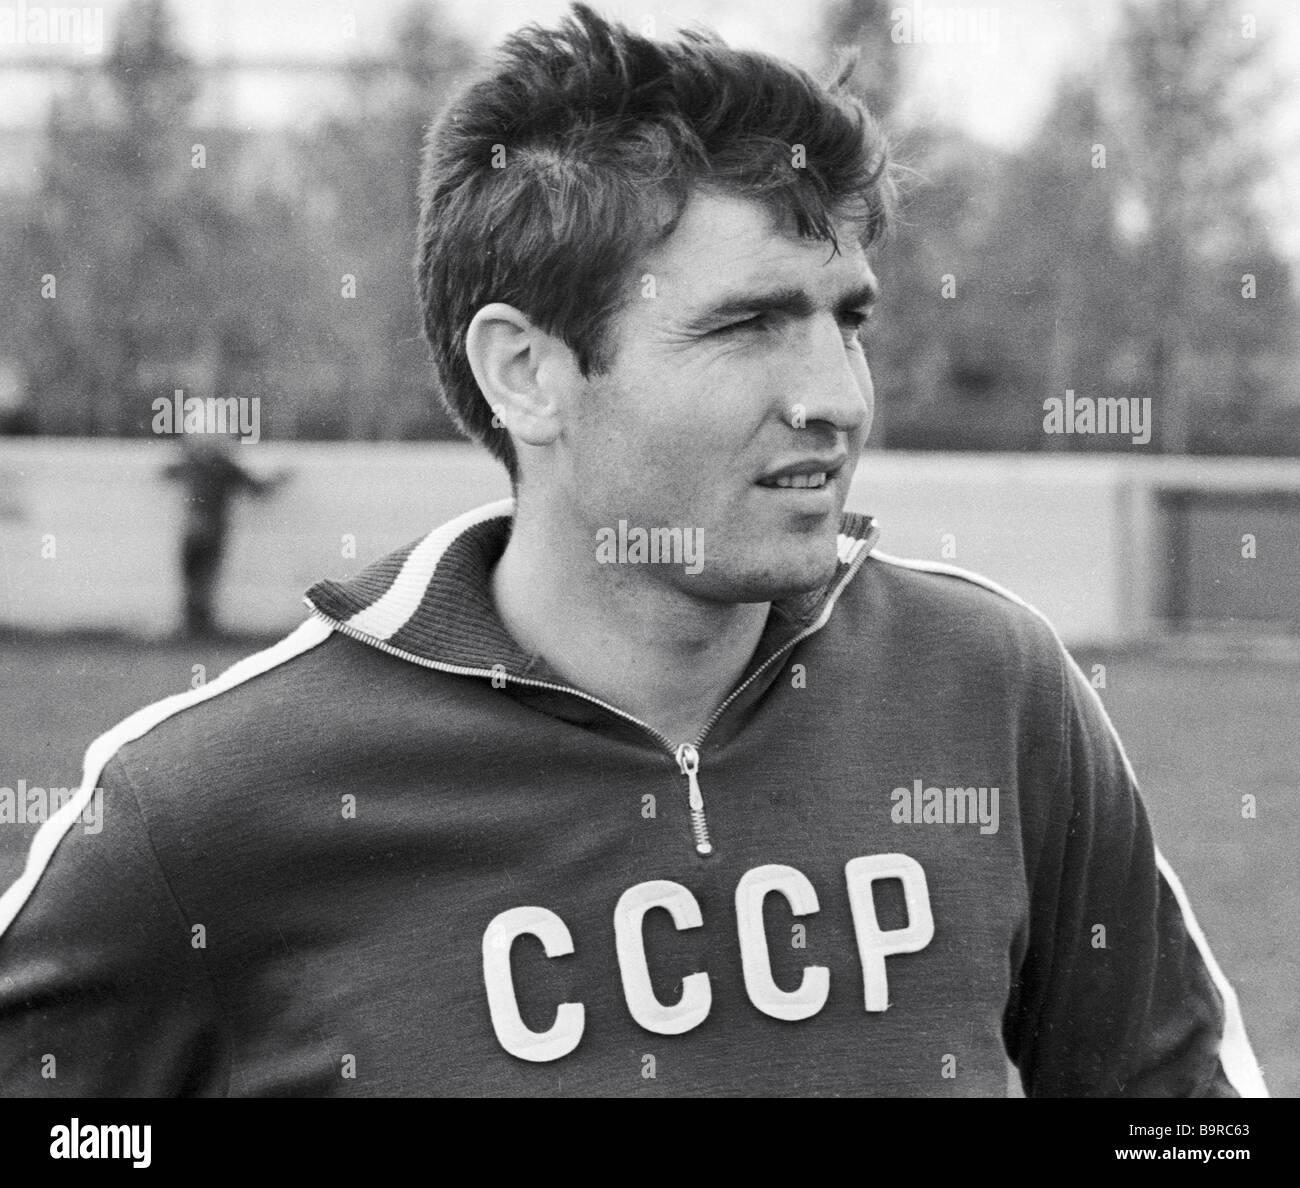 U S S R de la moitié de l'équipe nationale de soccer retour Fiodor Medvid Photo Stock